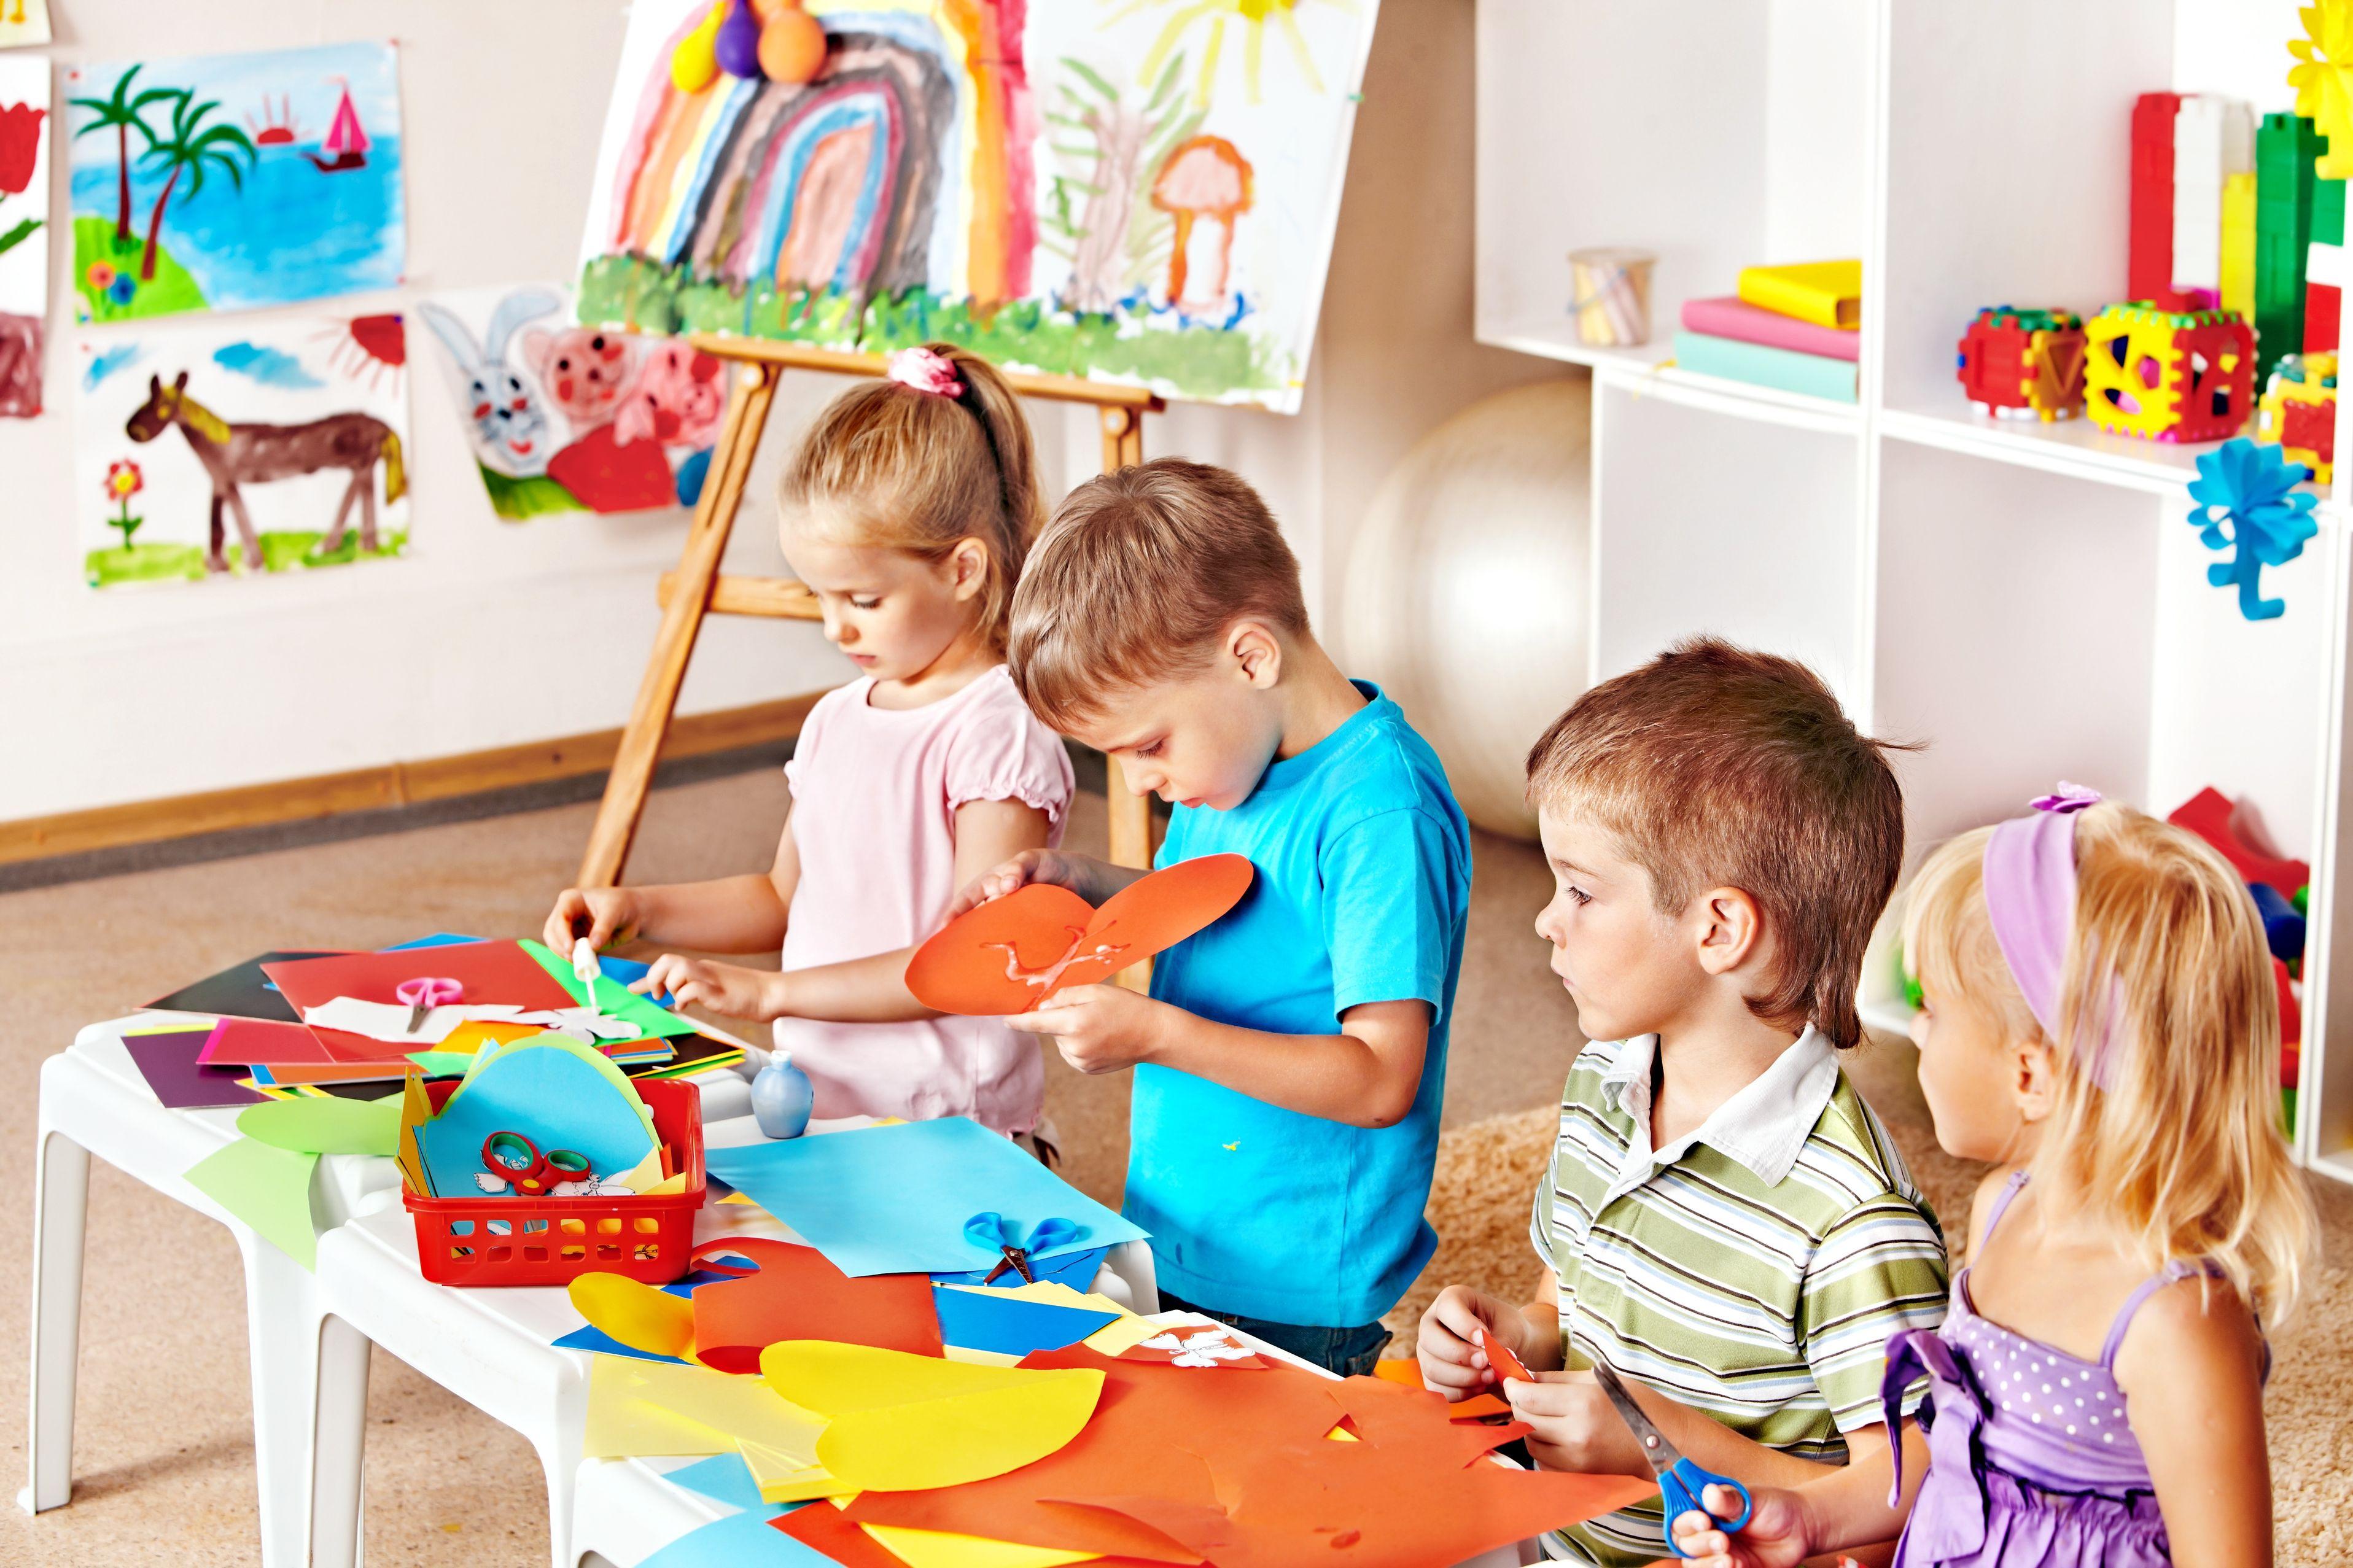 art classes for kids - HD3832×2554